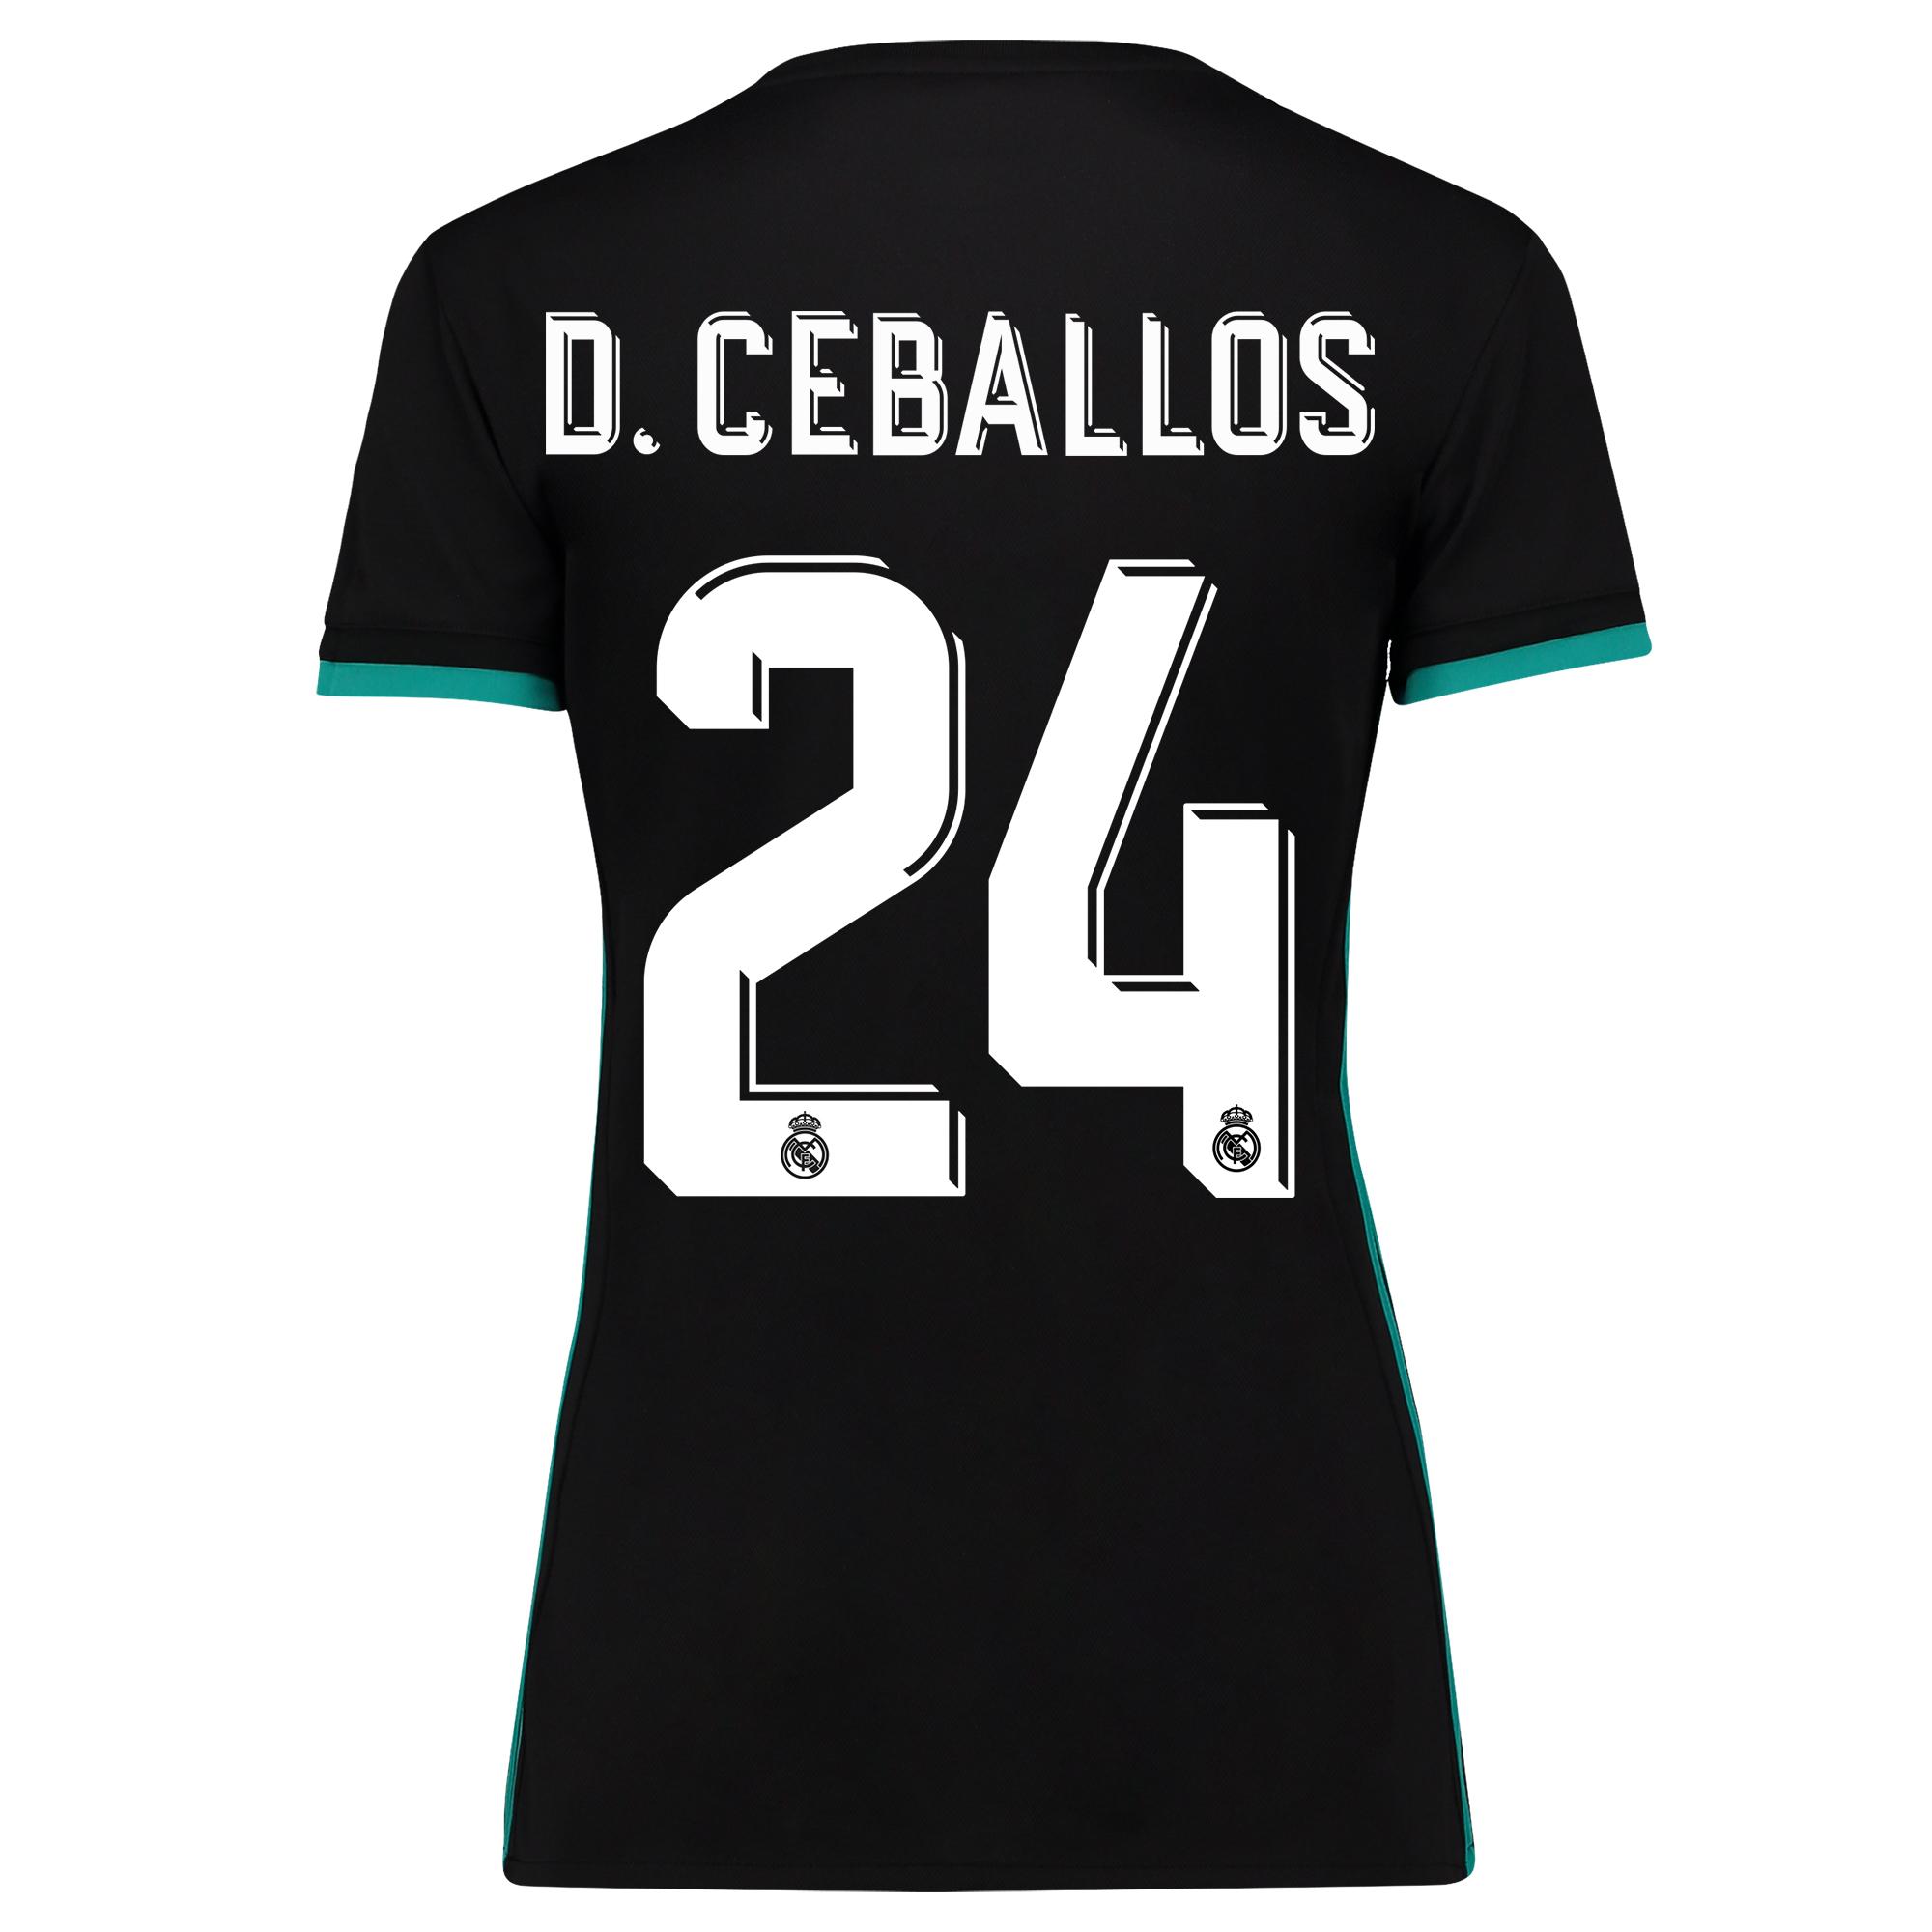 Camiseta de la 2ª equipación Real Madrid 2017/18 - Mujer con estampado D. Ceballos 24